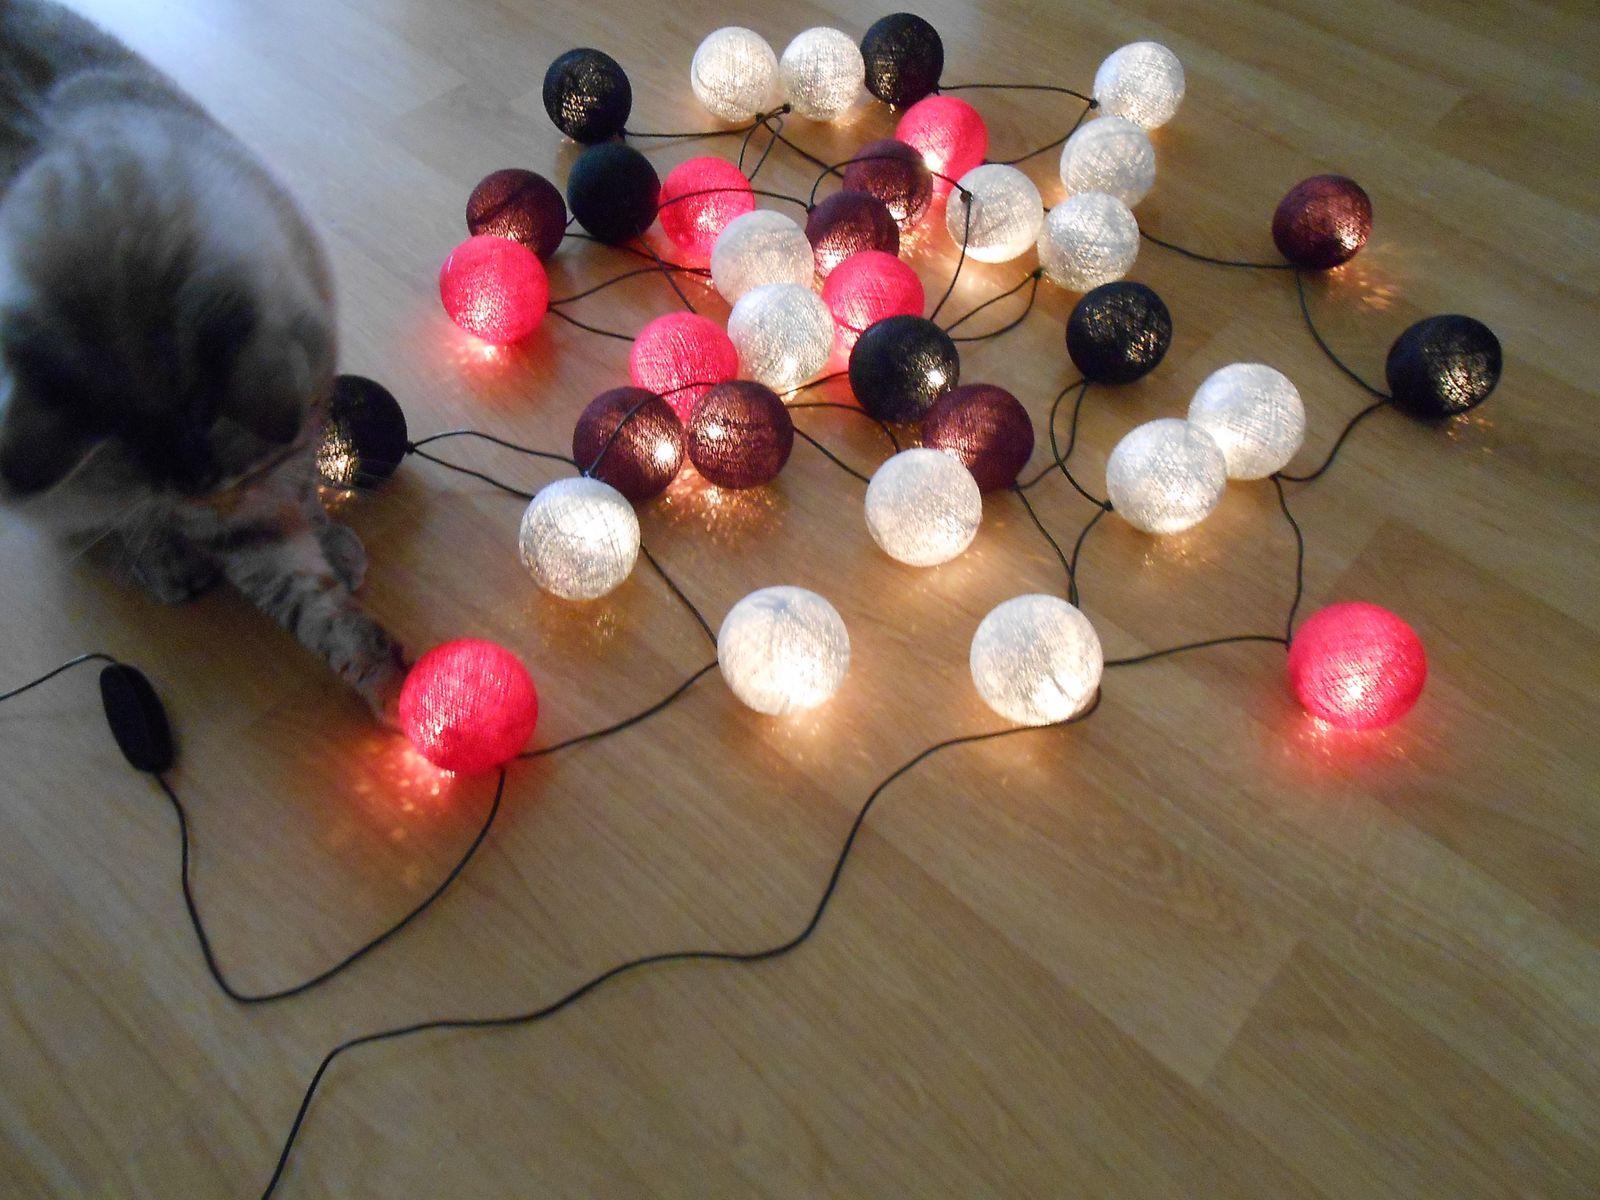 Et un chat amusé!